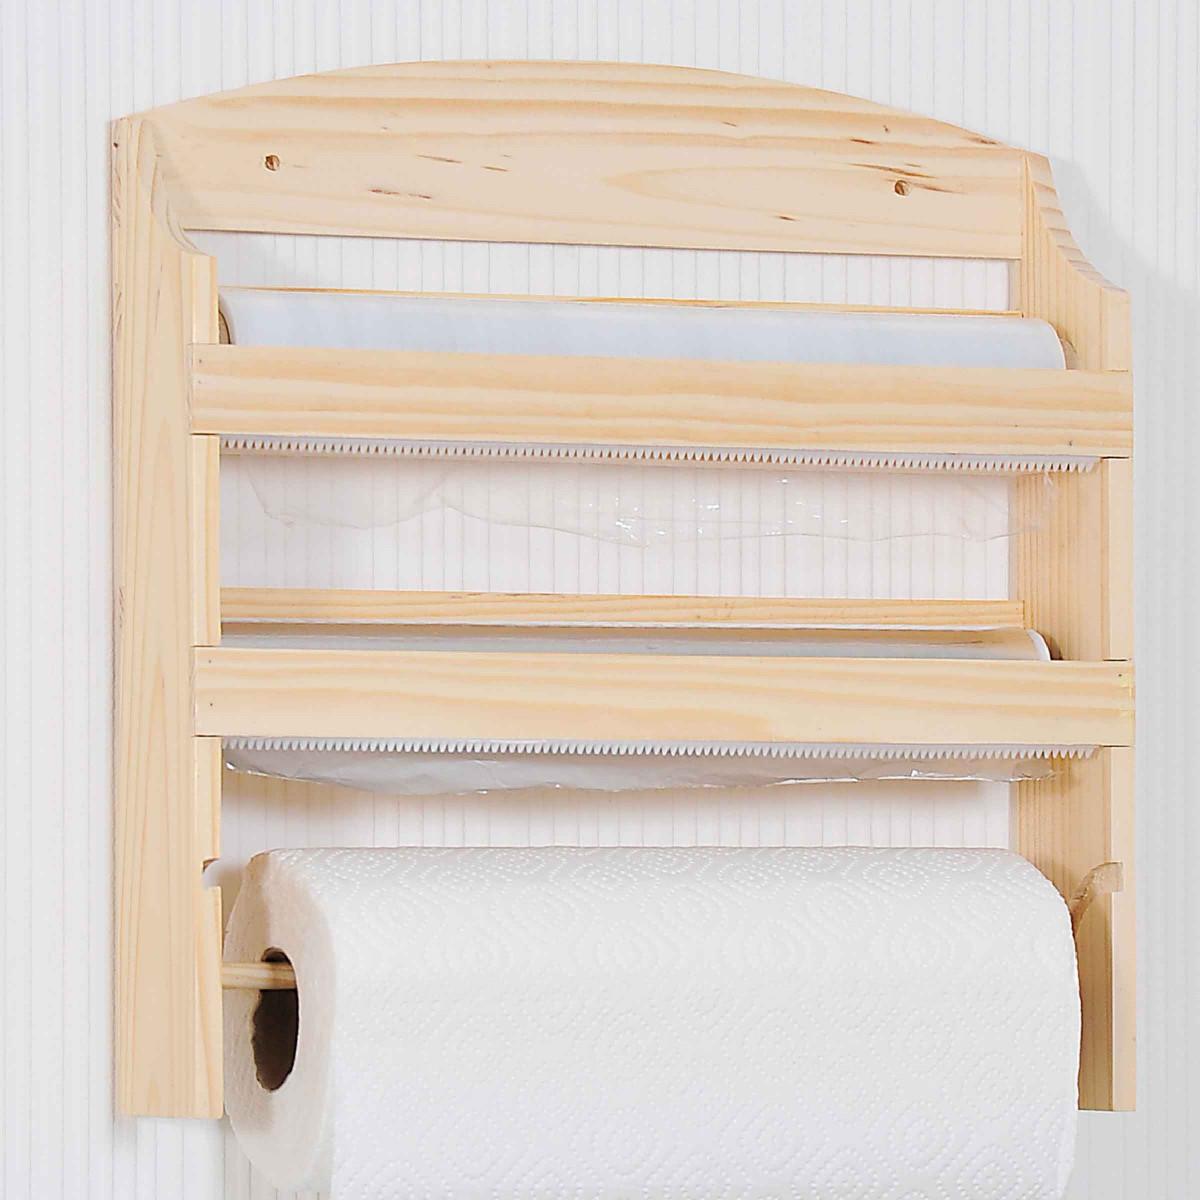 d vidoir de cuisine triple en bois fsc. Black Bedroom Furniture Sets. Home Design Ideas